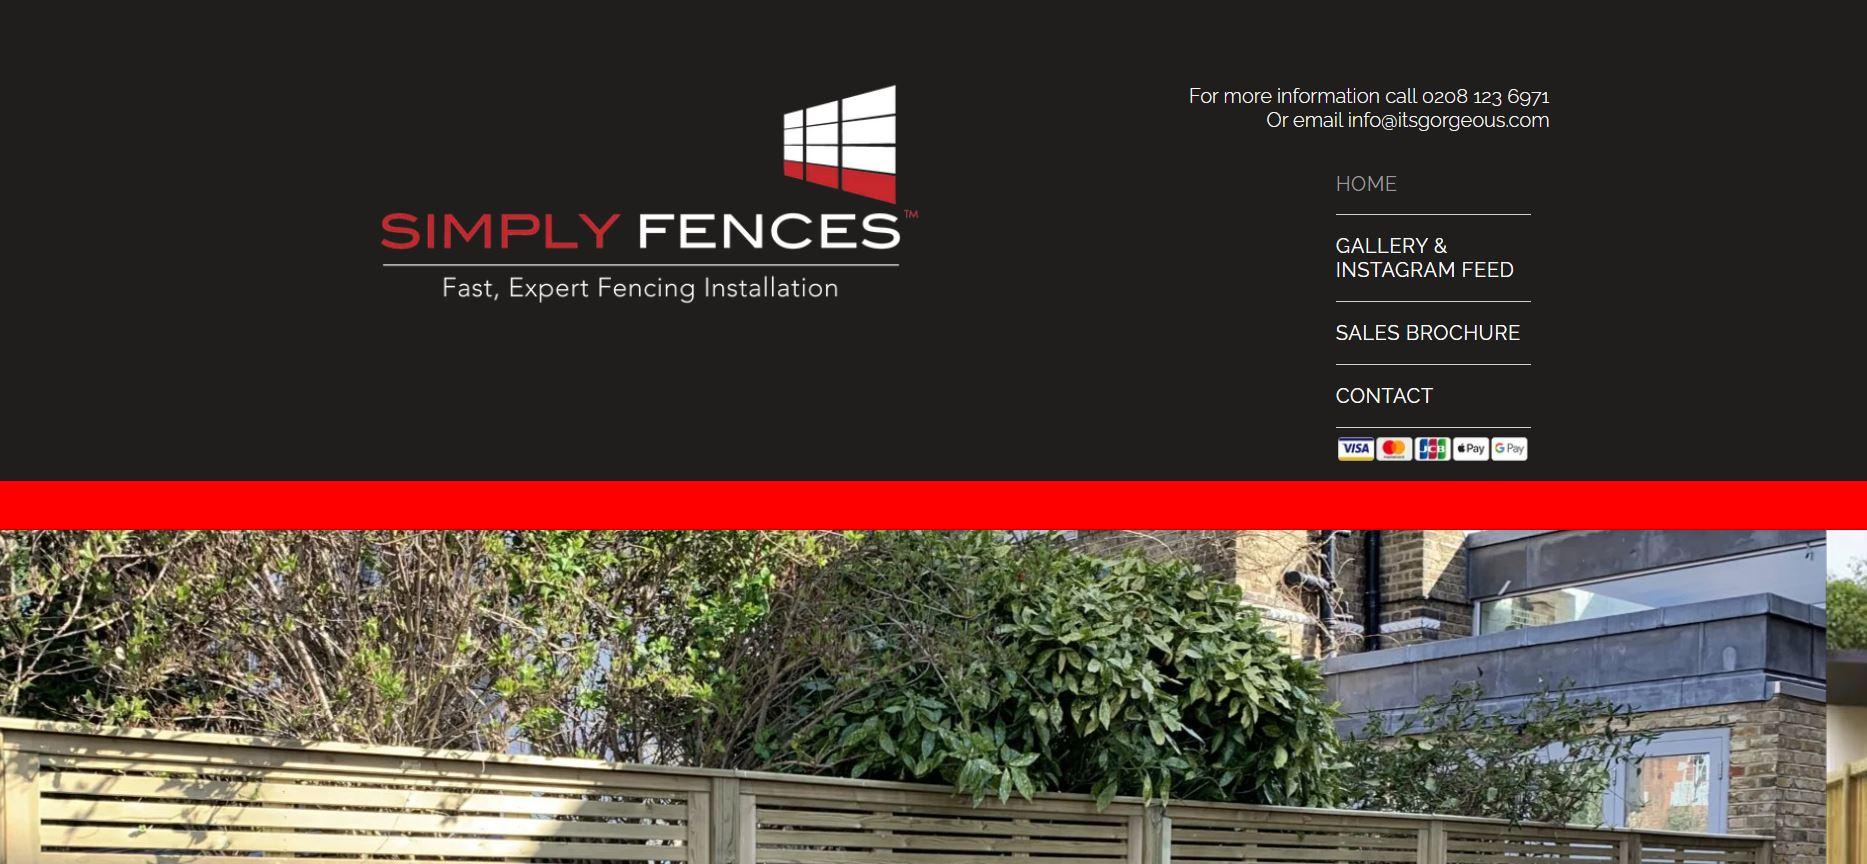 Simply Fences